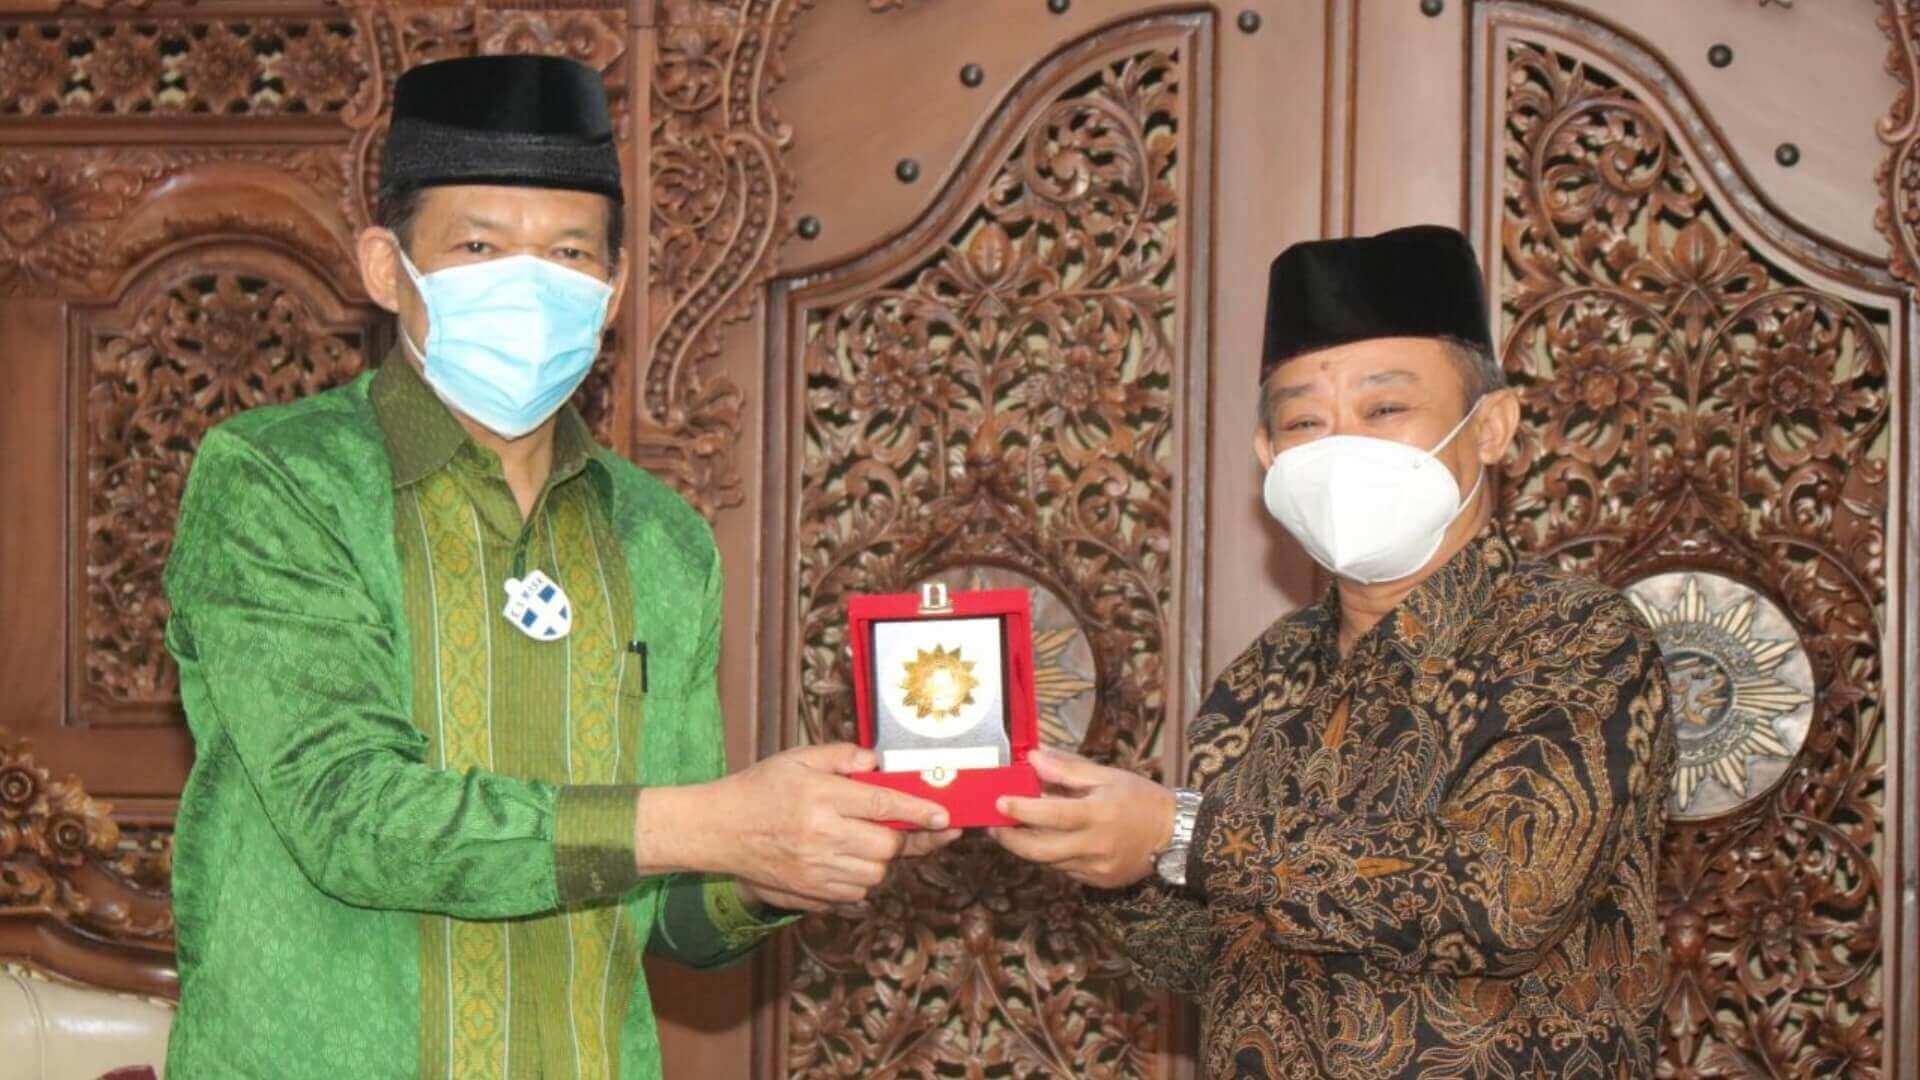 Cegah Mengalir Untuk Terorisme, KH Noor Achmad Sebut Baznas Bakal Gandeng DMI Awasi Kotak Amal